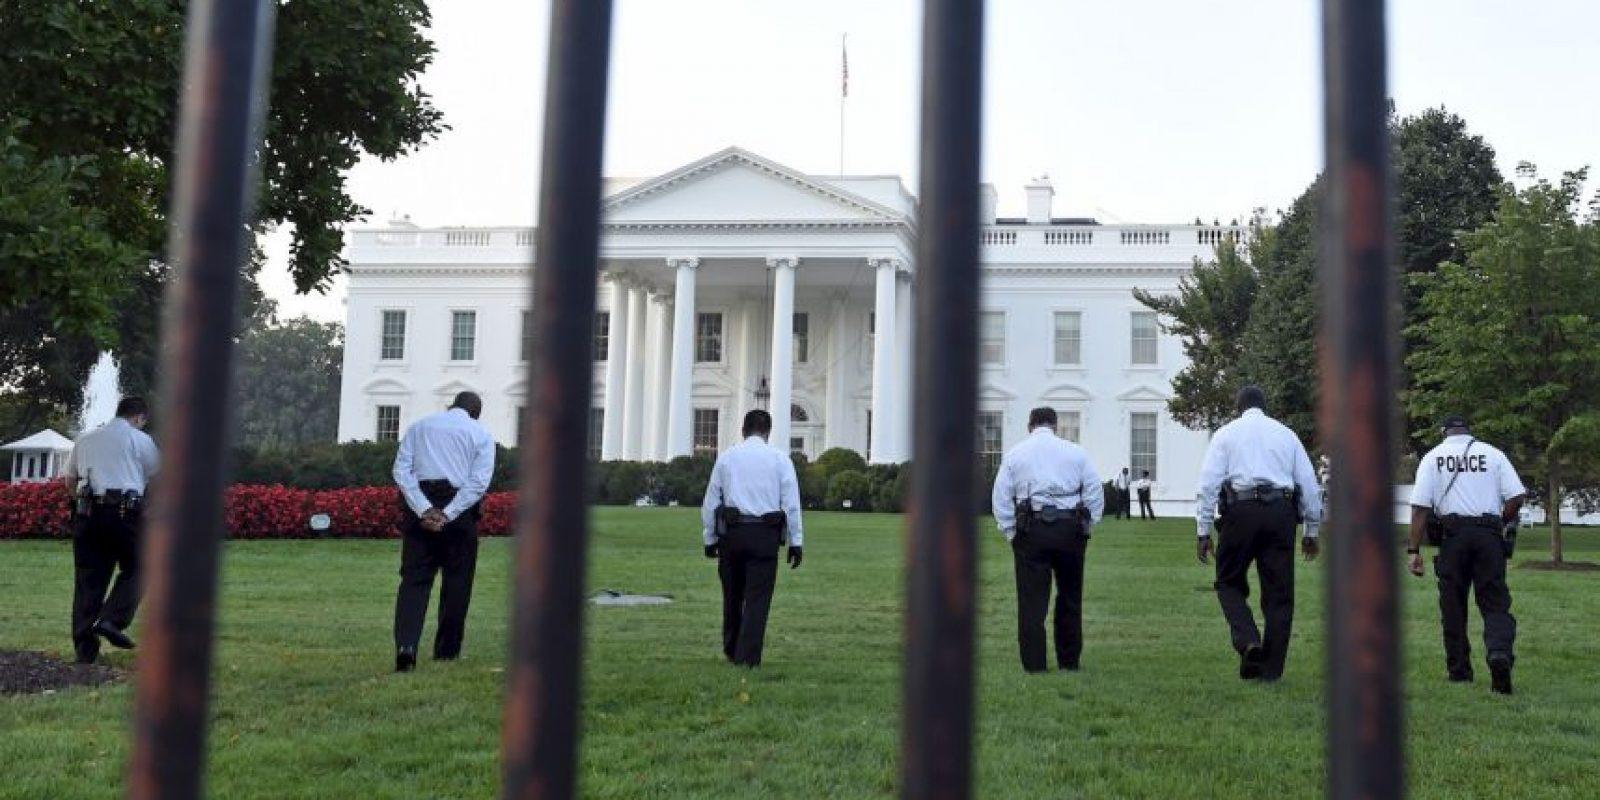 El hombre llegó hasta el Salón Este de la mansión ejecutiva. Foto:AP